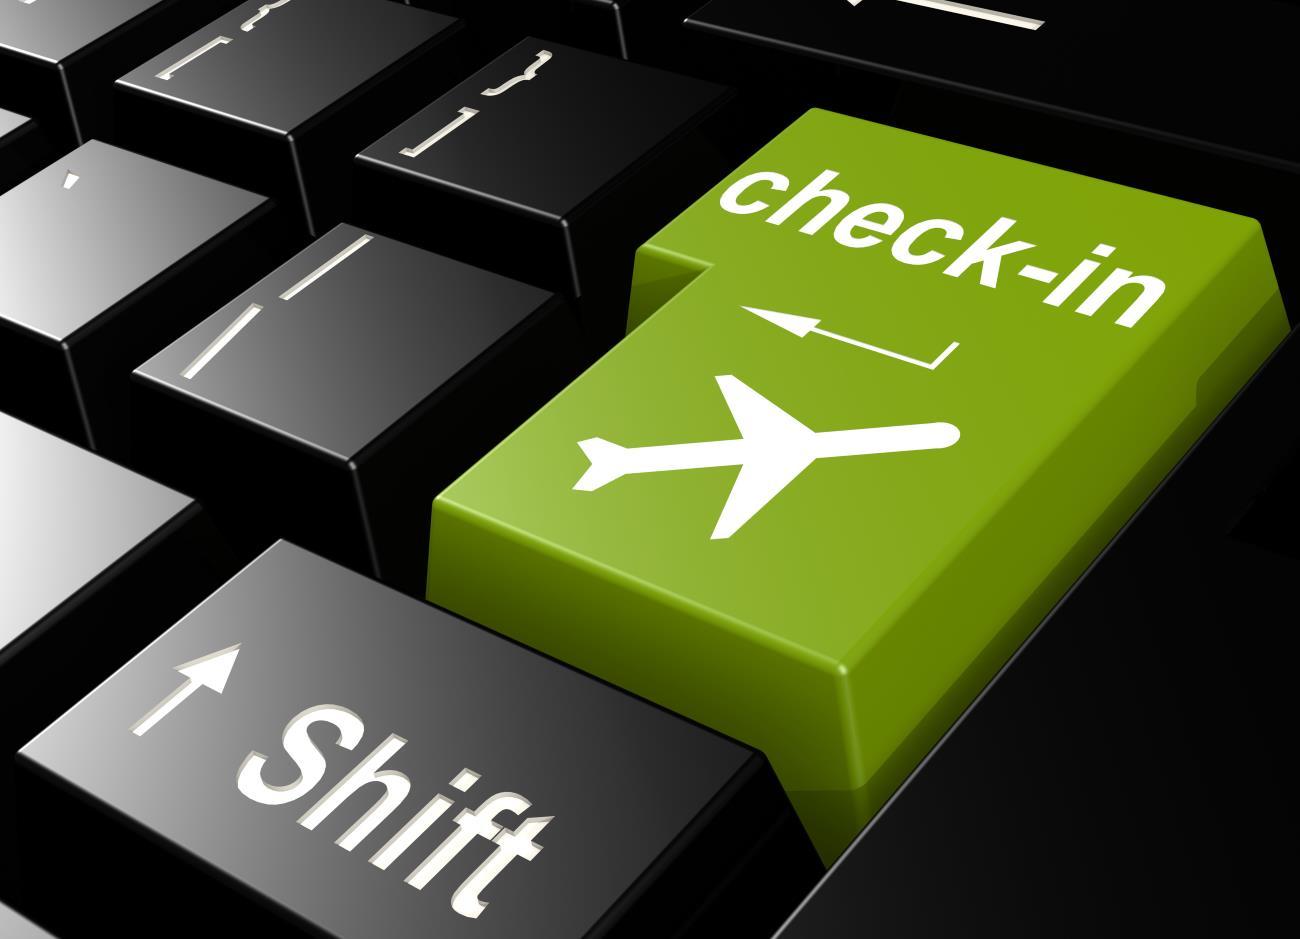 Lecisz Ryanair? Odpraw się teraz, bo będzie duża przerwa w działaniu usług przewoźnika!